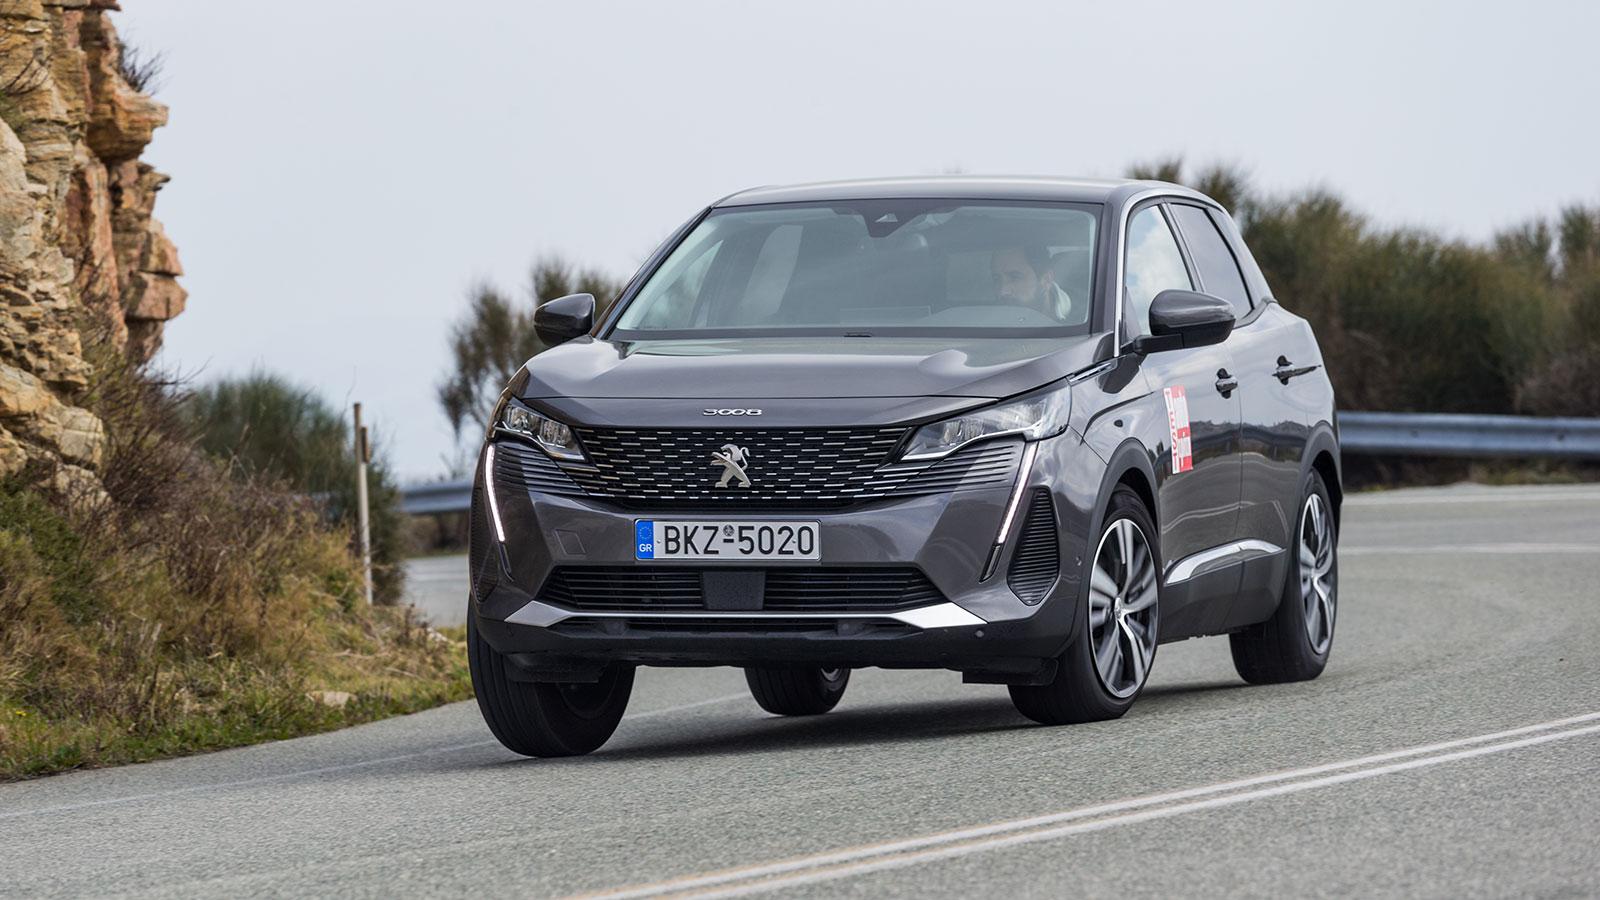 Δοκιμή: Βενζινοκίνητο Peugeot 3008 με 130 PS